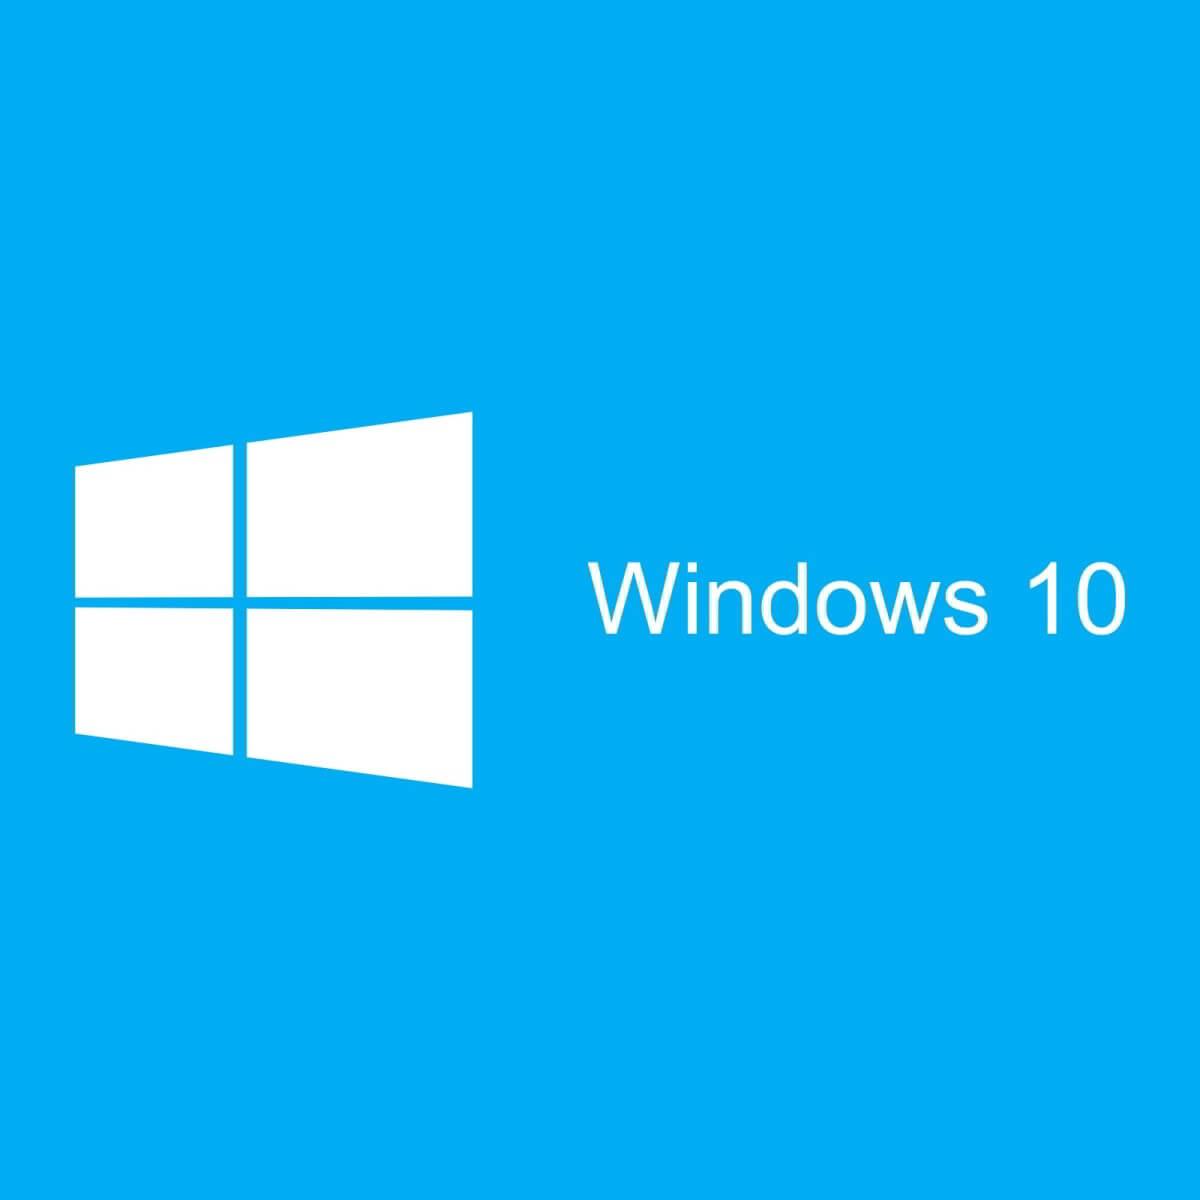 CỐ ĐỊNH: Subst.exe không hoạt động trên Windows 10 3